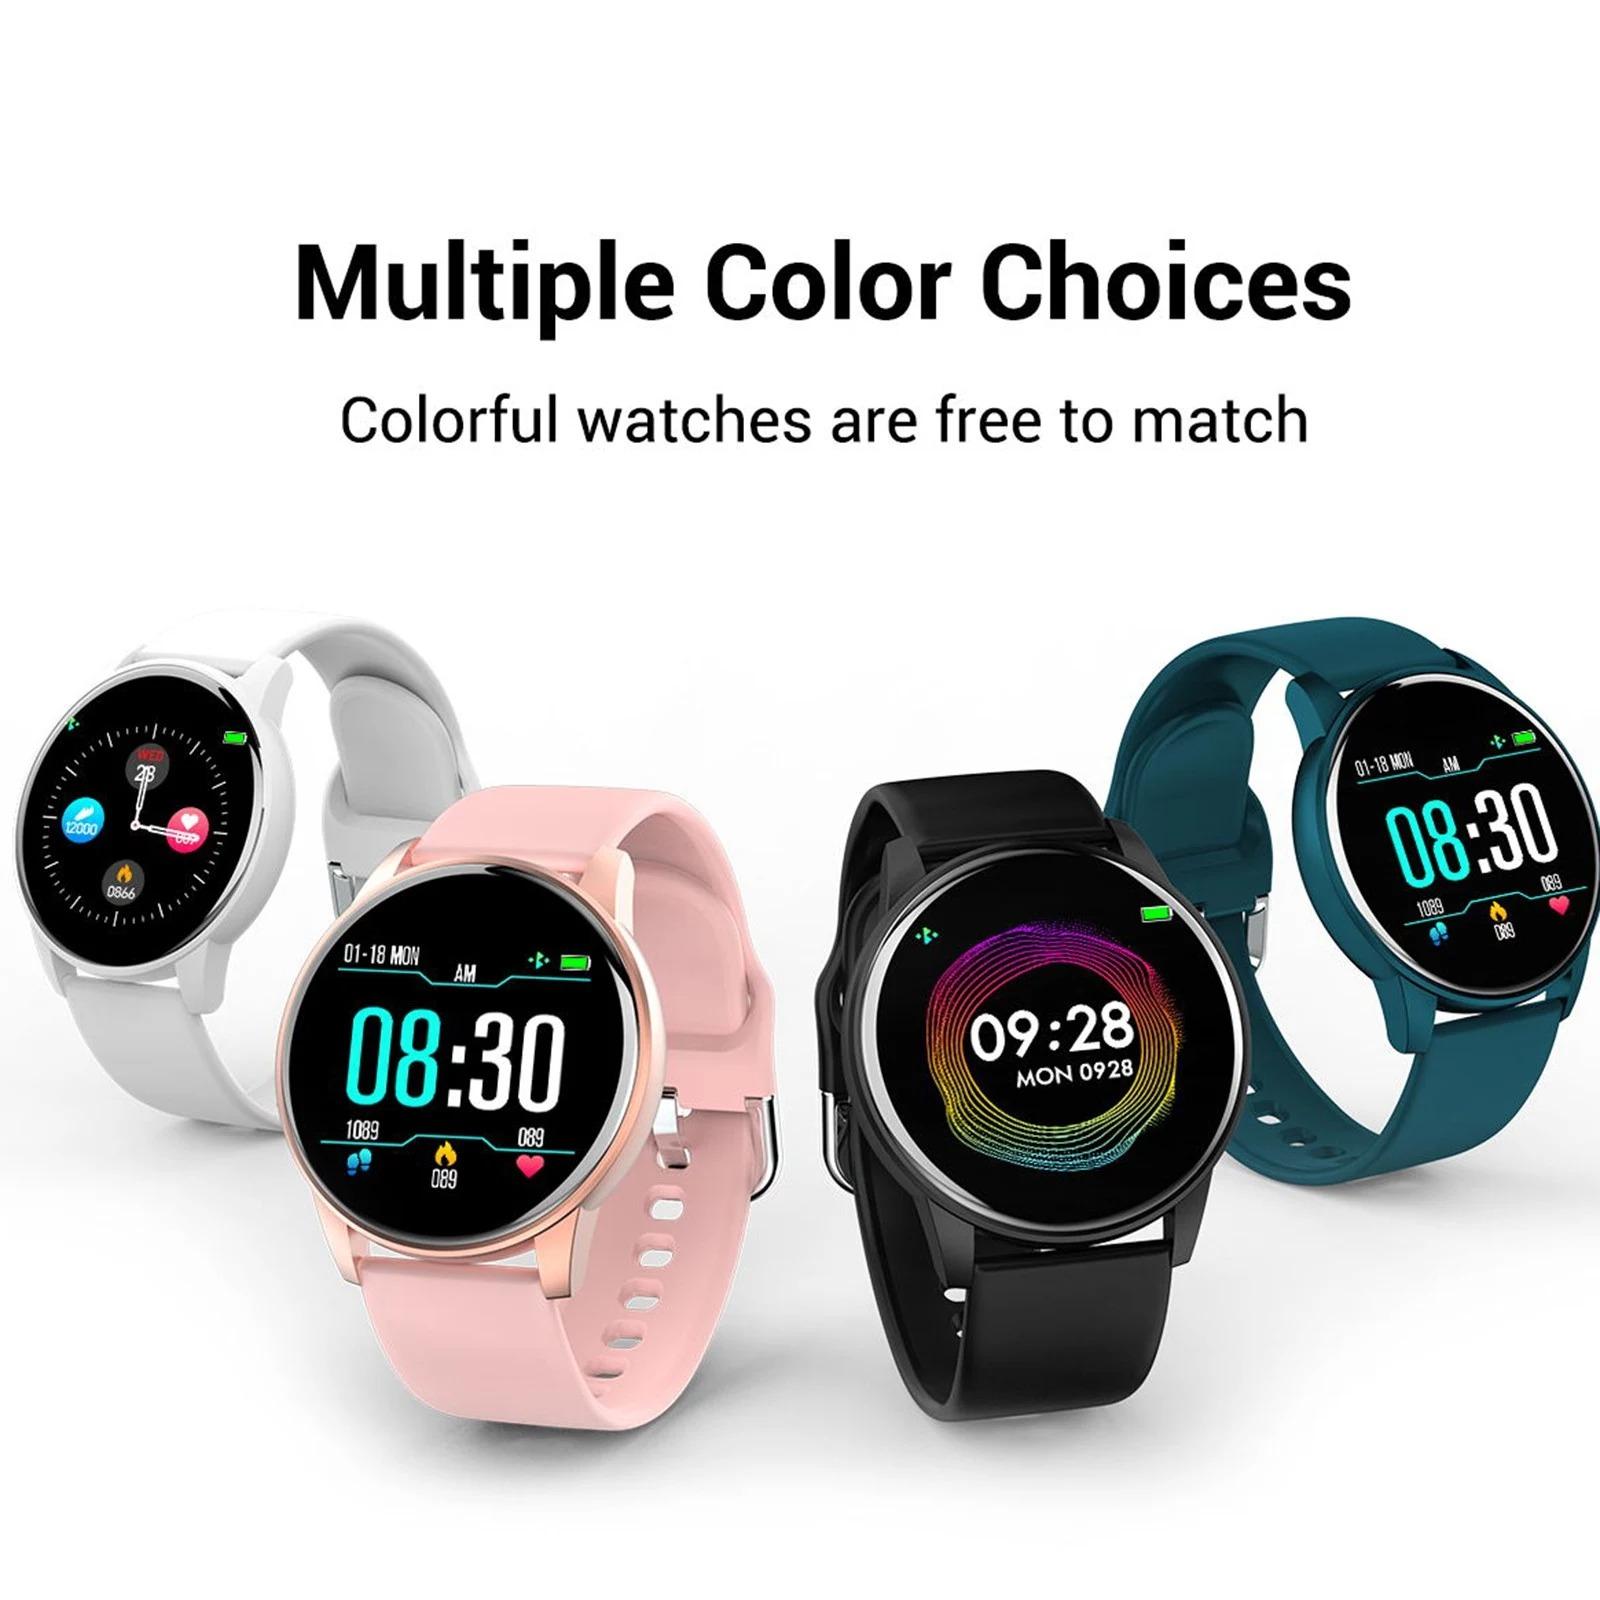 Questo smartwatch ricco di funzioni è in offerta a un prezzo imbattibile 7